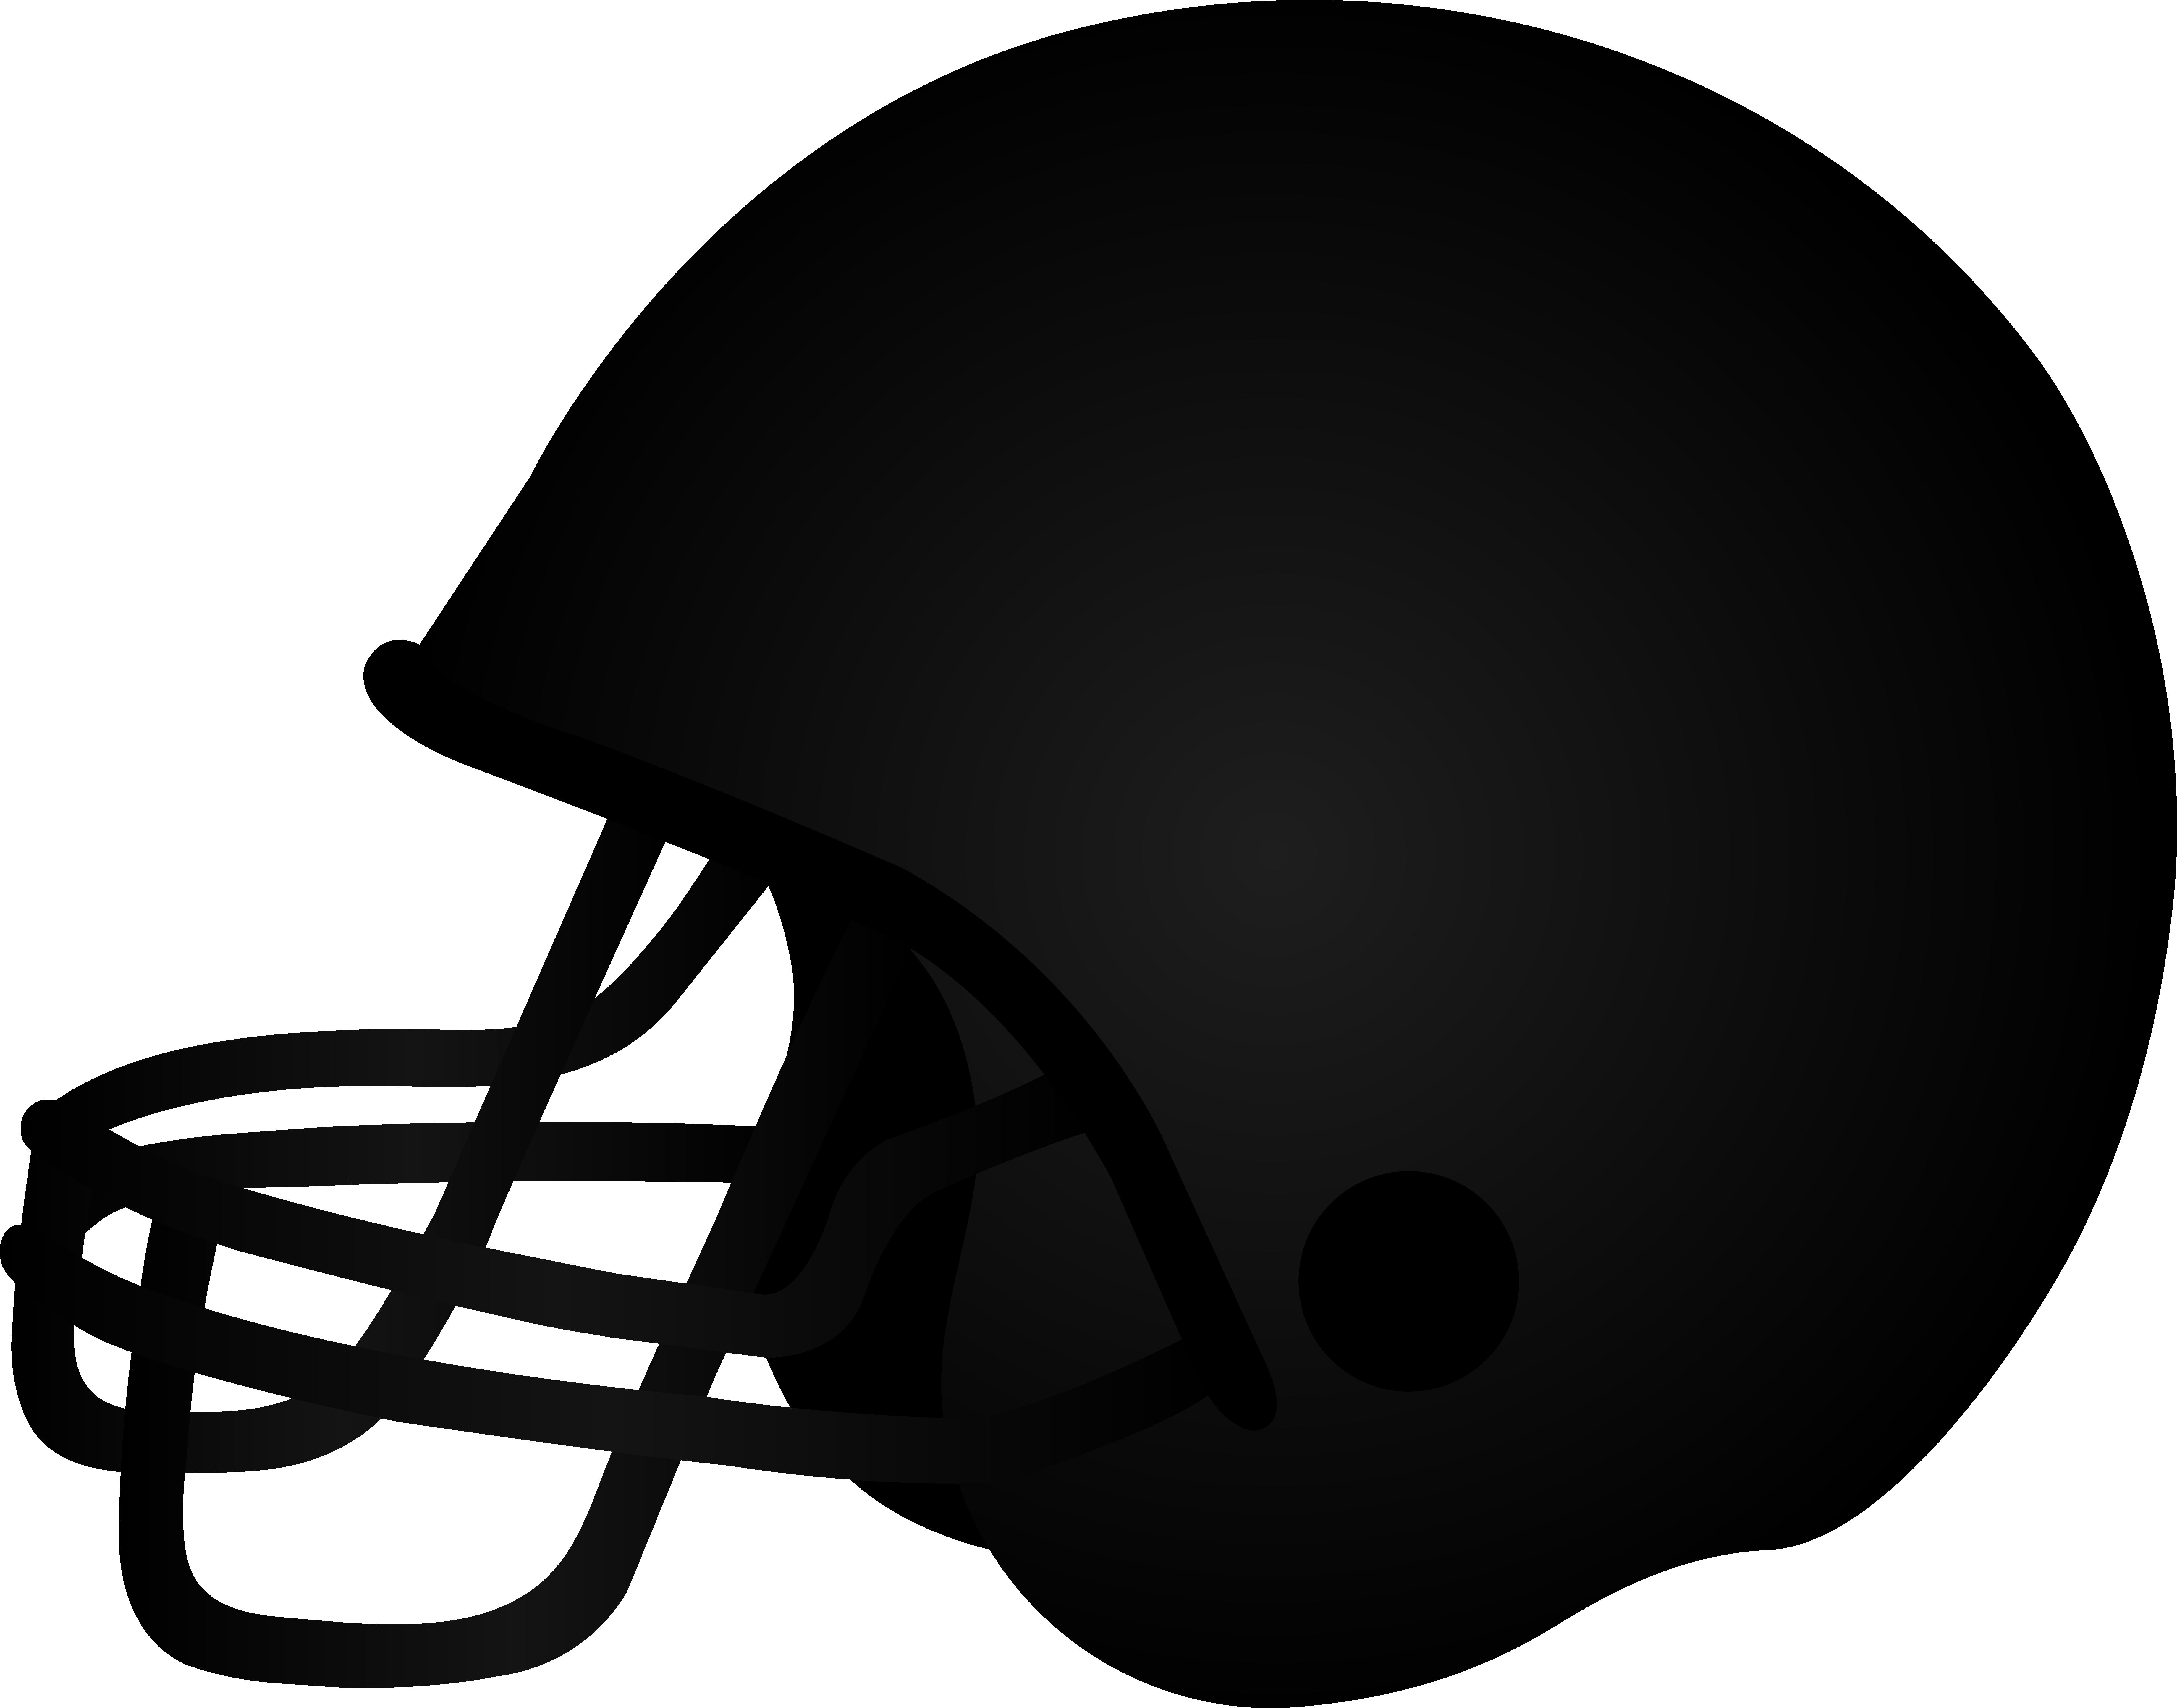 Football Helmet Image.